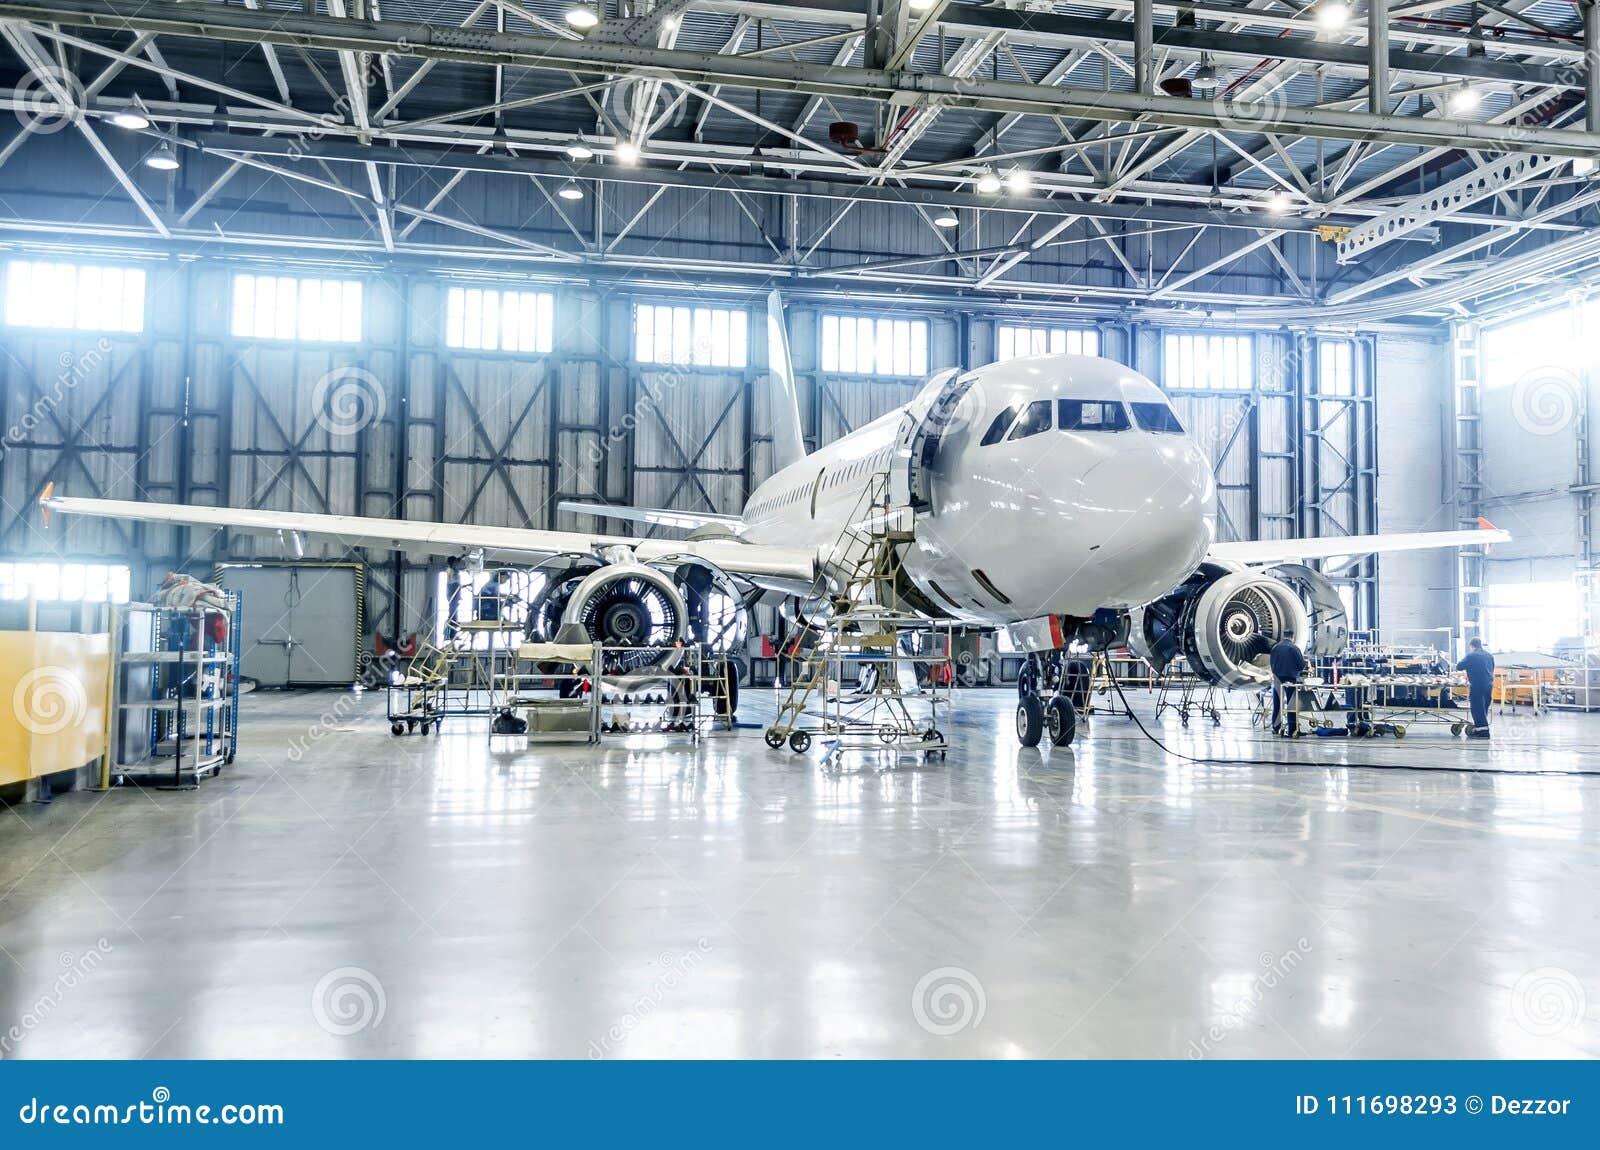 Το αεροπλάνο επιβατών στη συντήρηση της μηχανής και η άτρακτος ελέγχουν την επισκευή στο υπόστεγο αερολιμένων